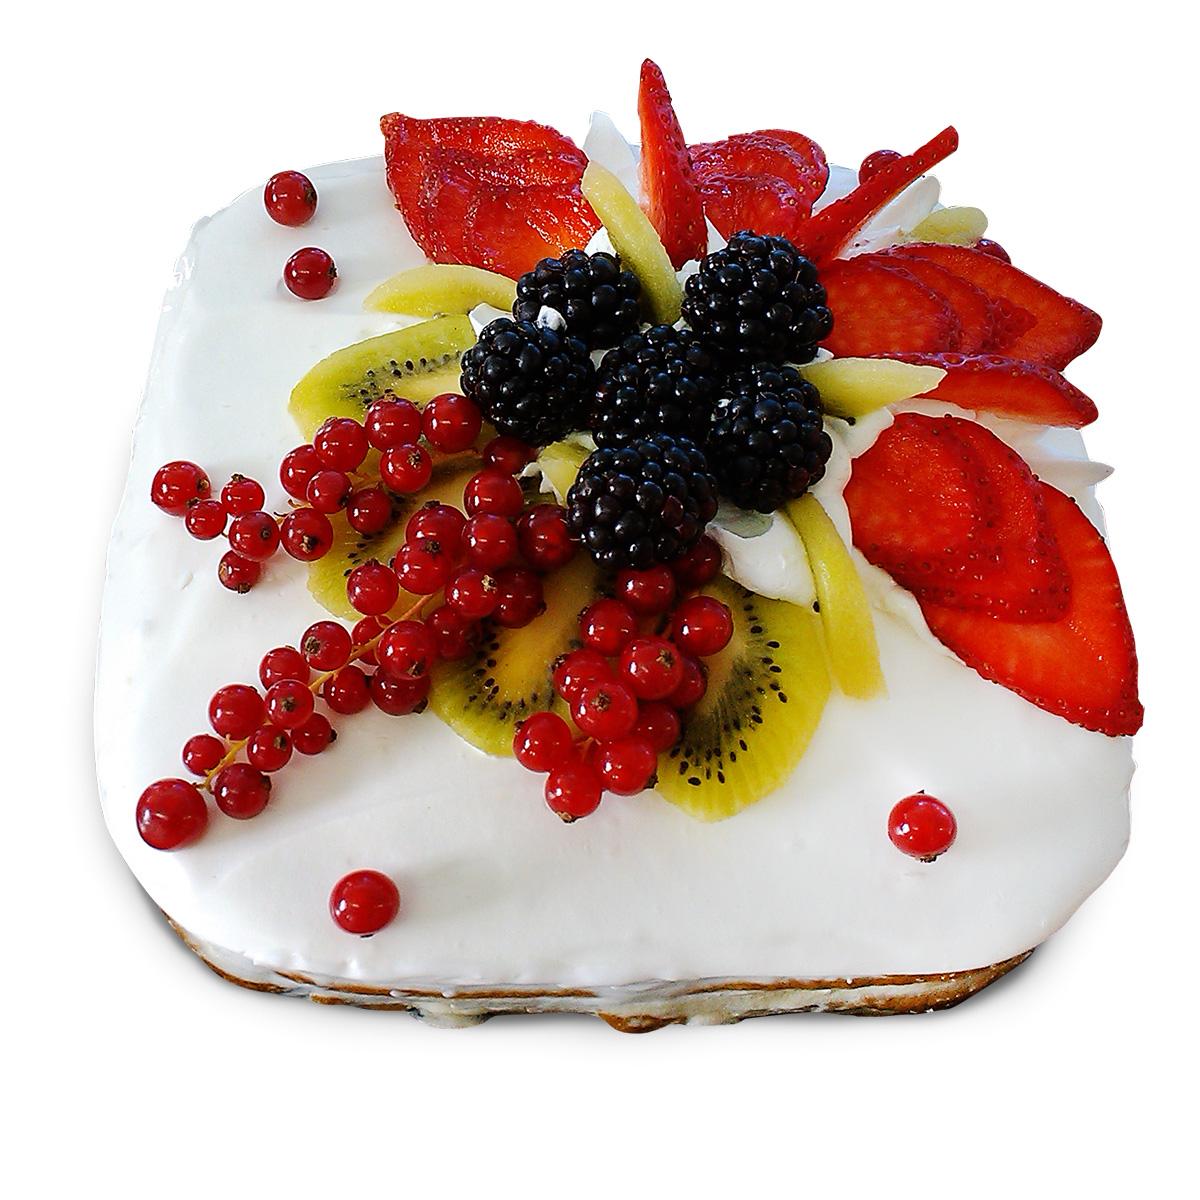 Украшение тортов с фруктами и ягодами фото